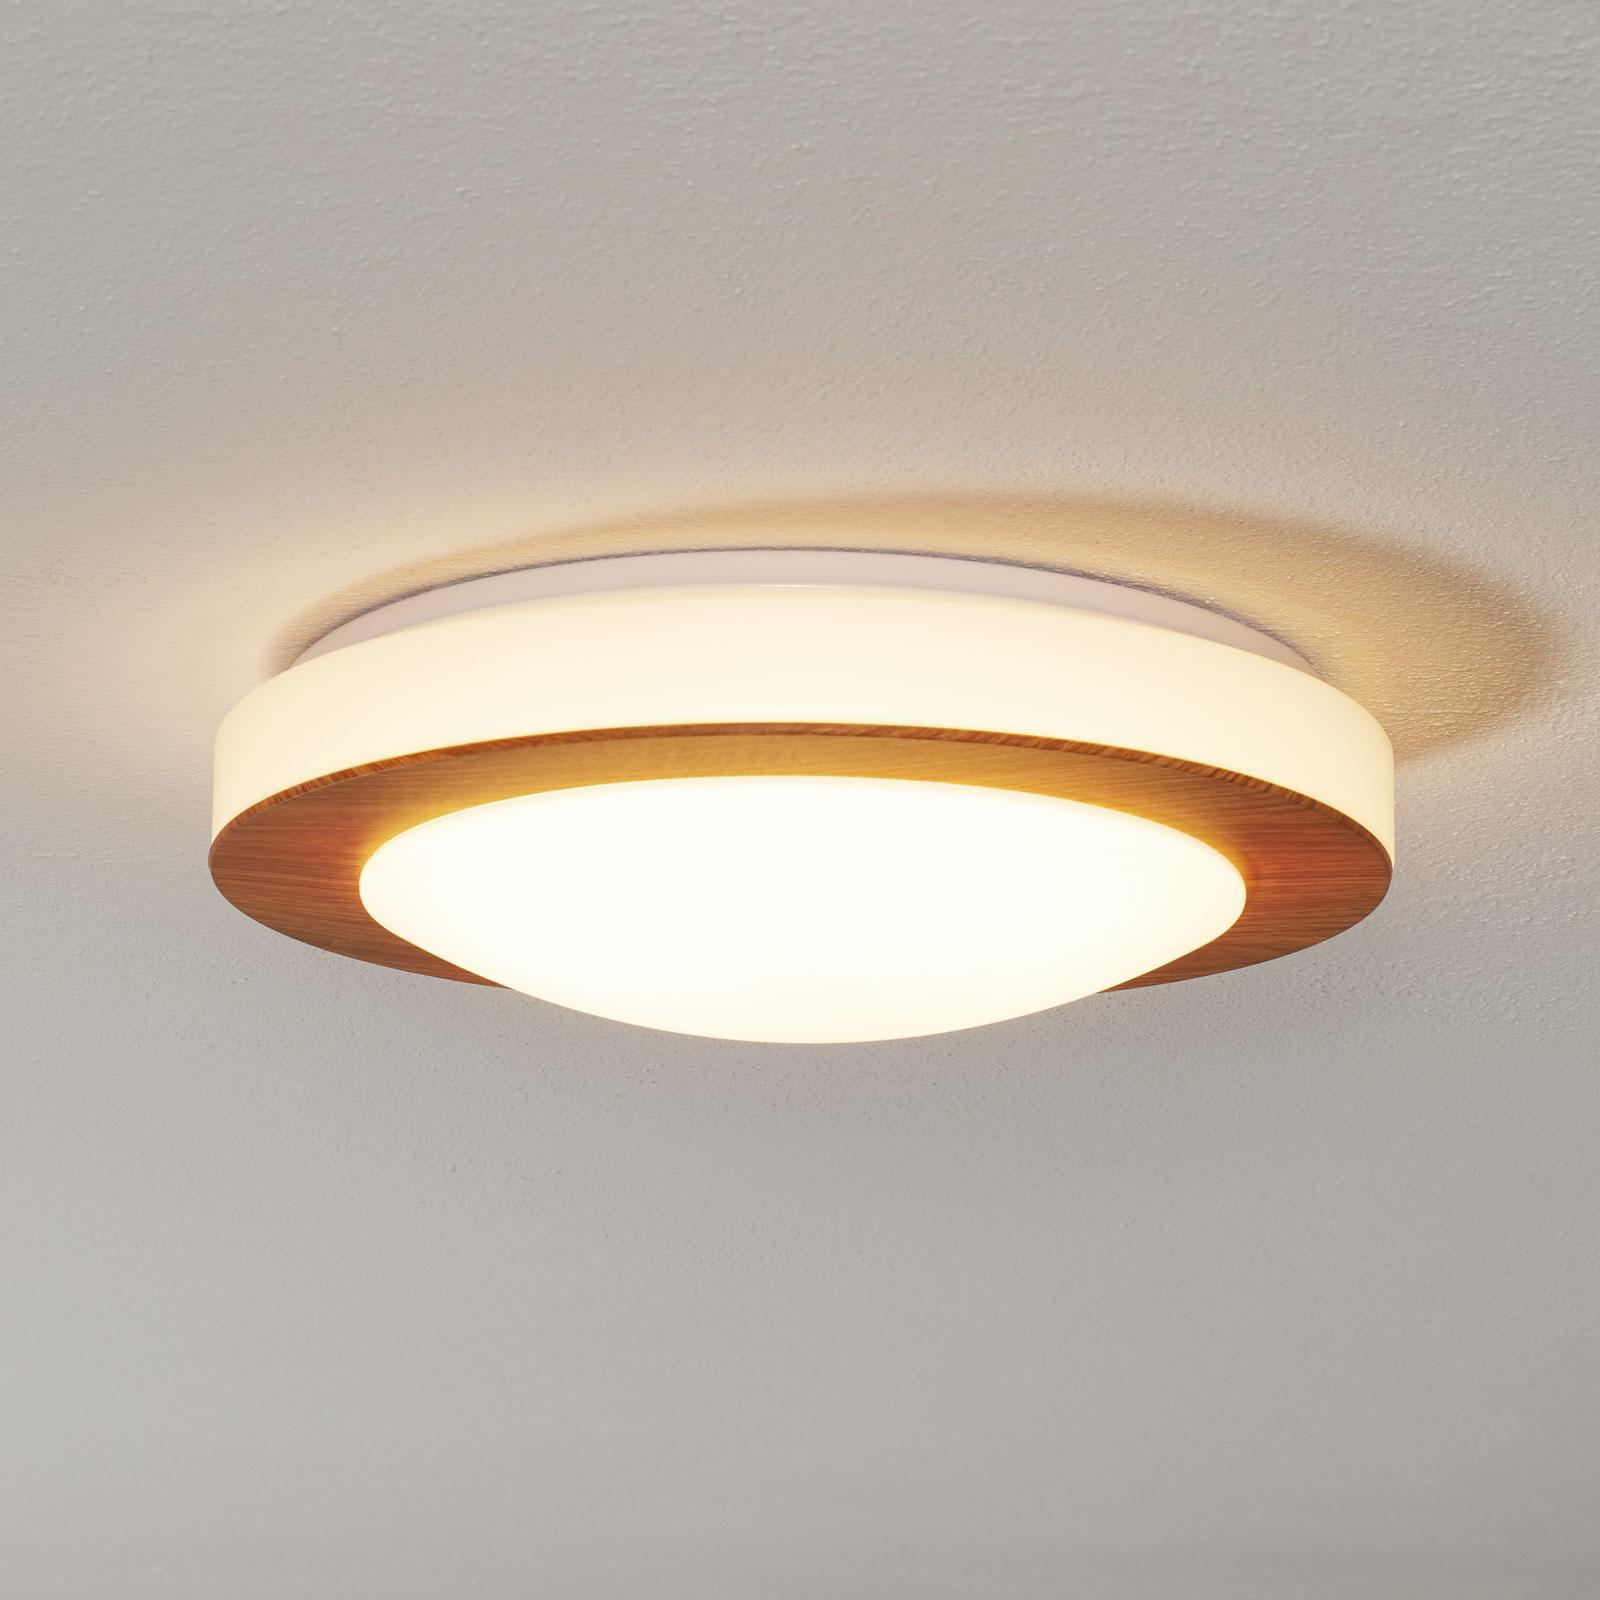 Ronde LED plafondlamp Gordon m. houten afwerking